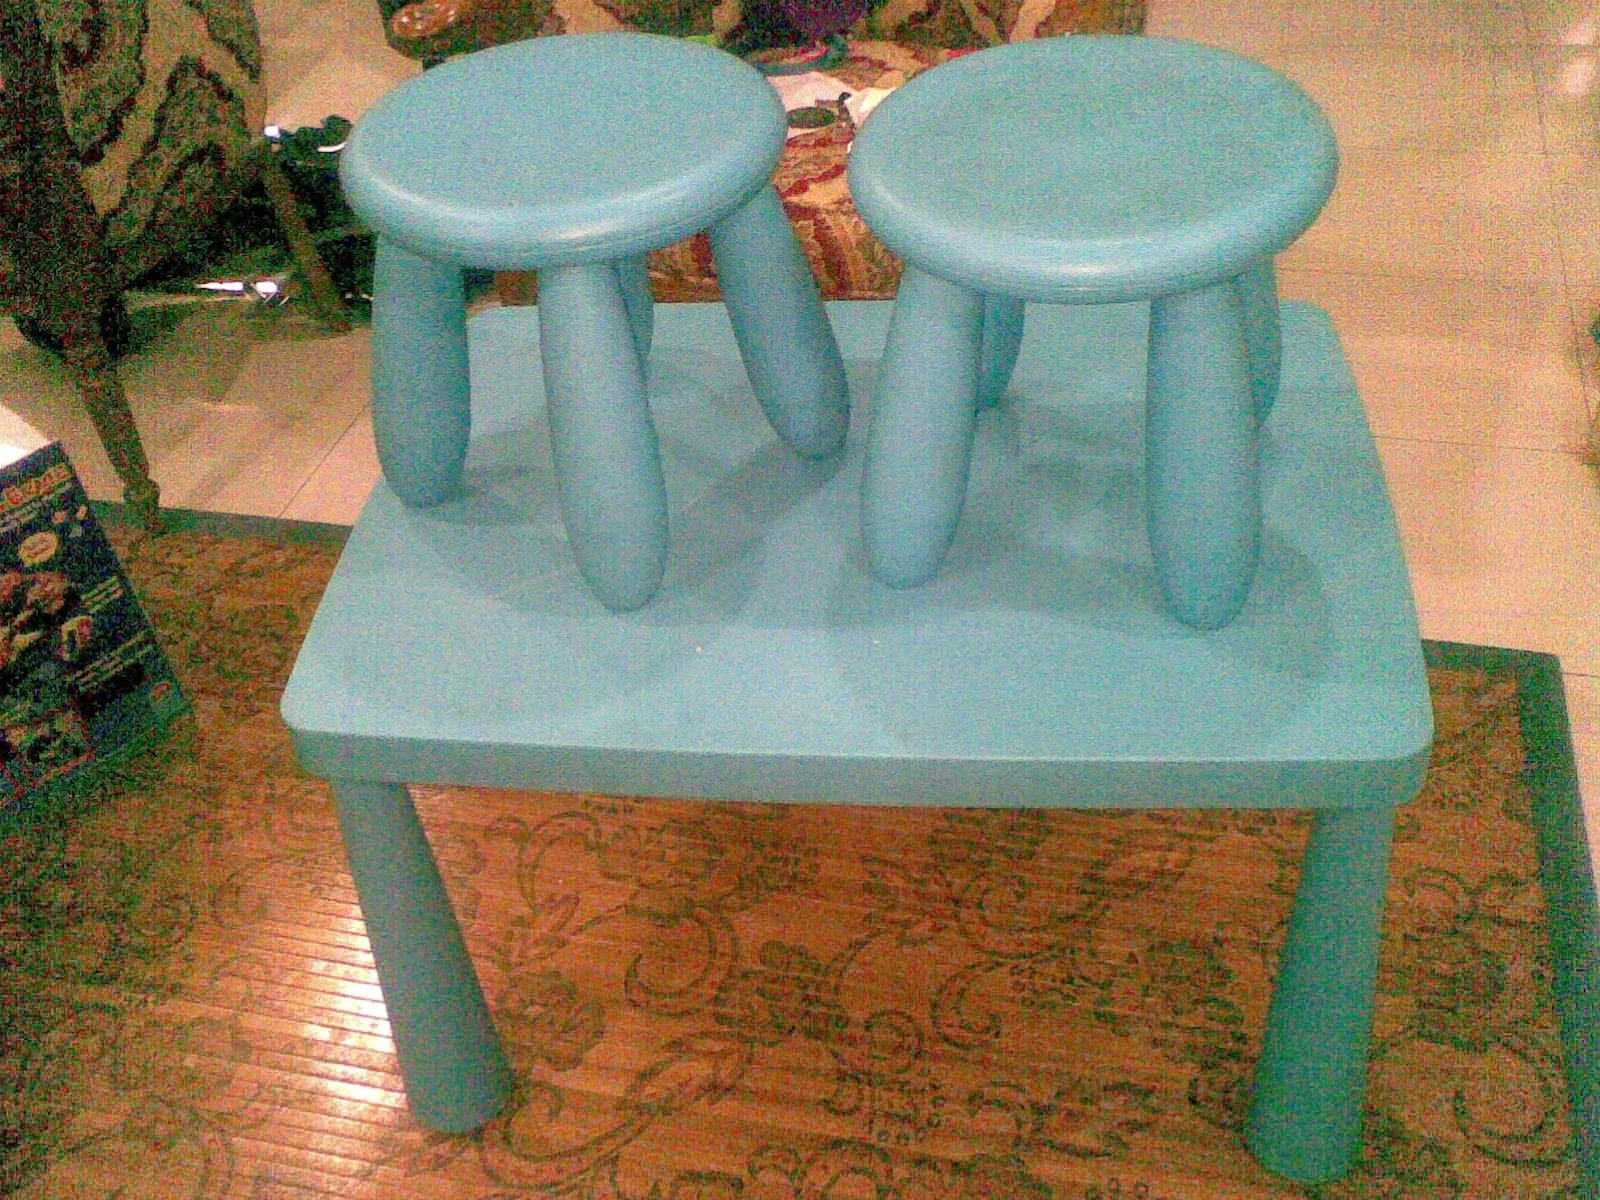 Ikea kids table mammut - Wohnzimmerz Mammut Ikea With Ikea Mammut Crib Ikea Mammut Bed